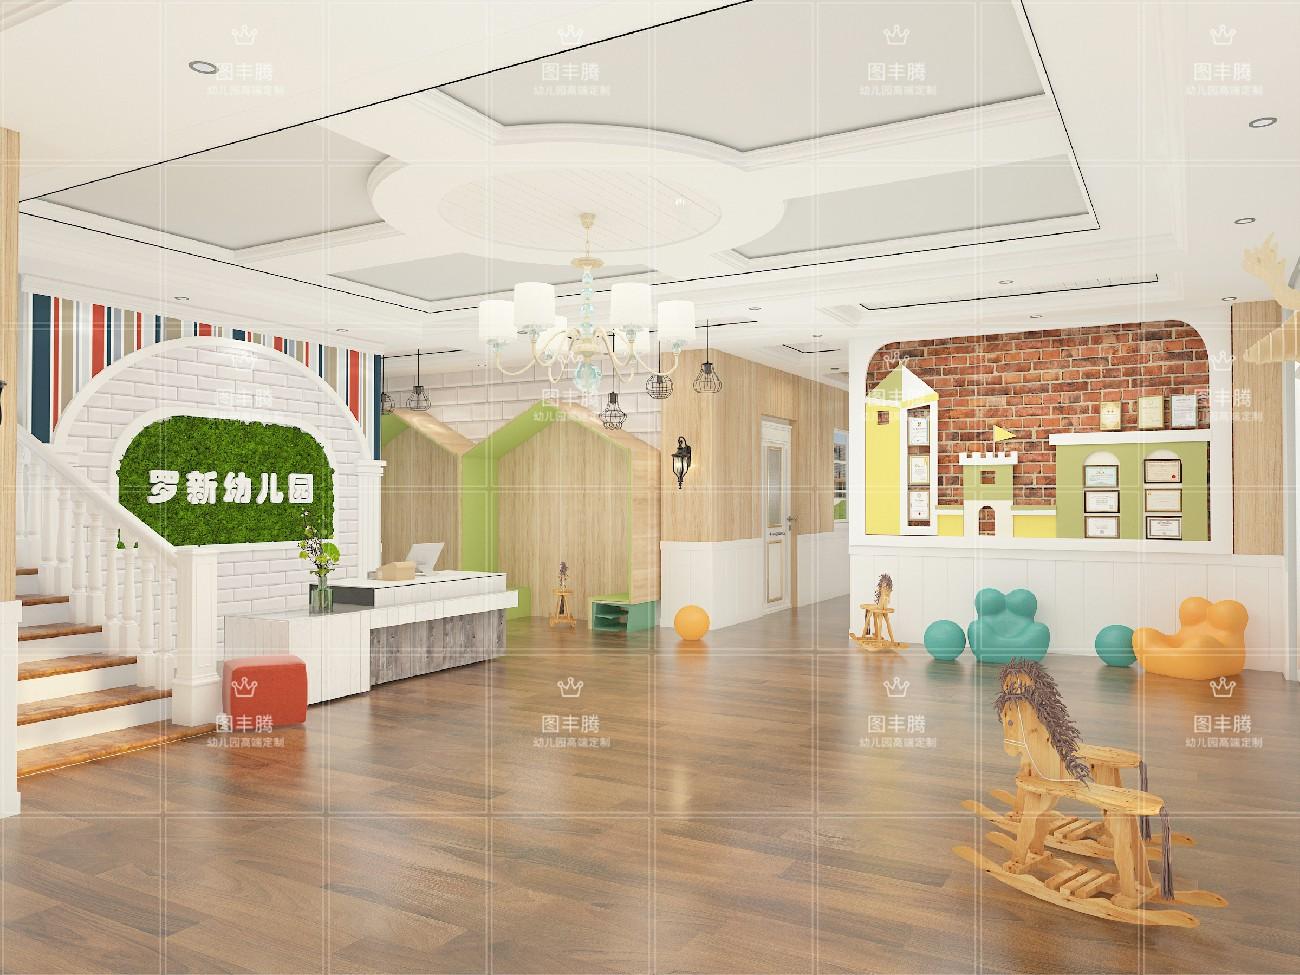 罗新幼儿园